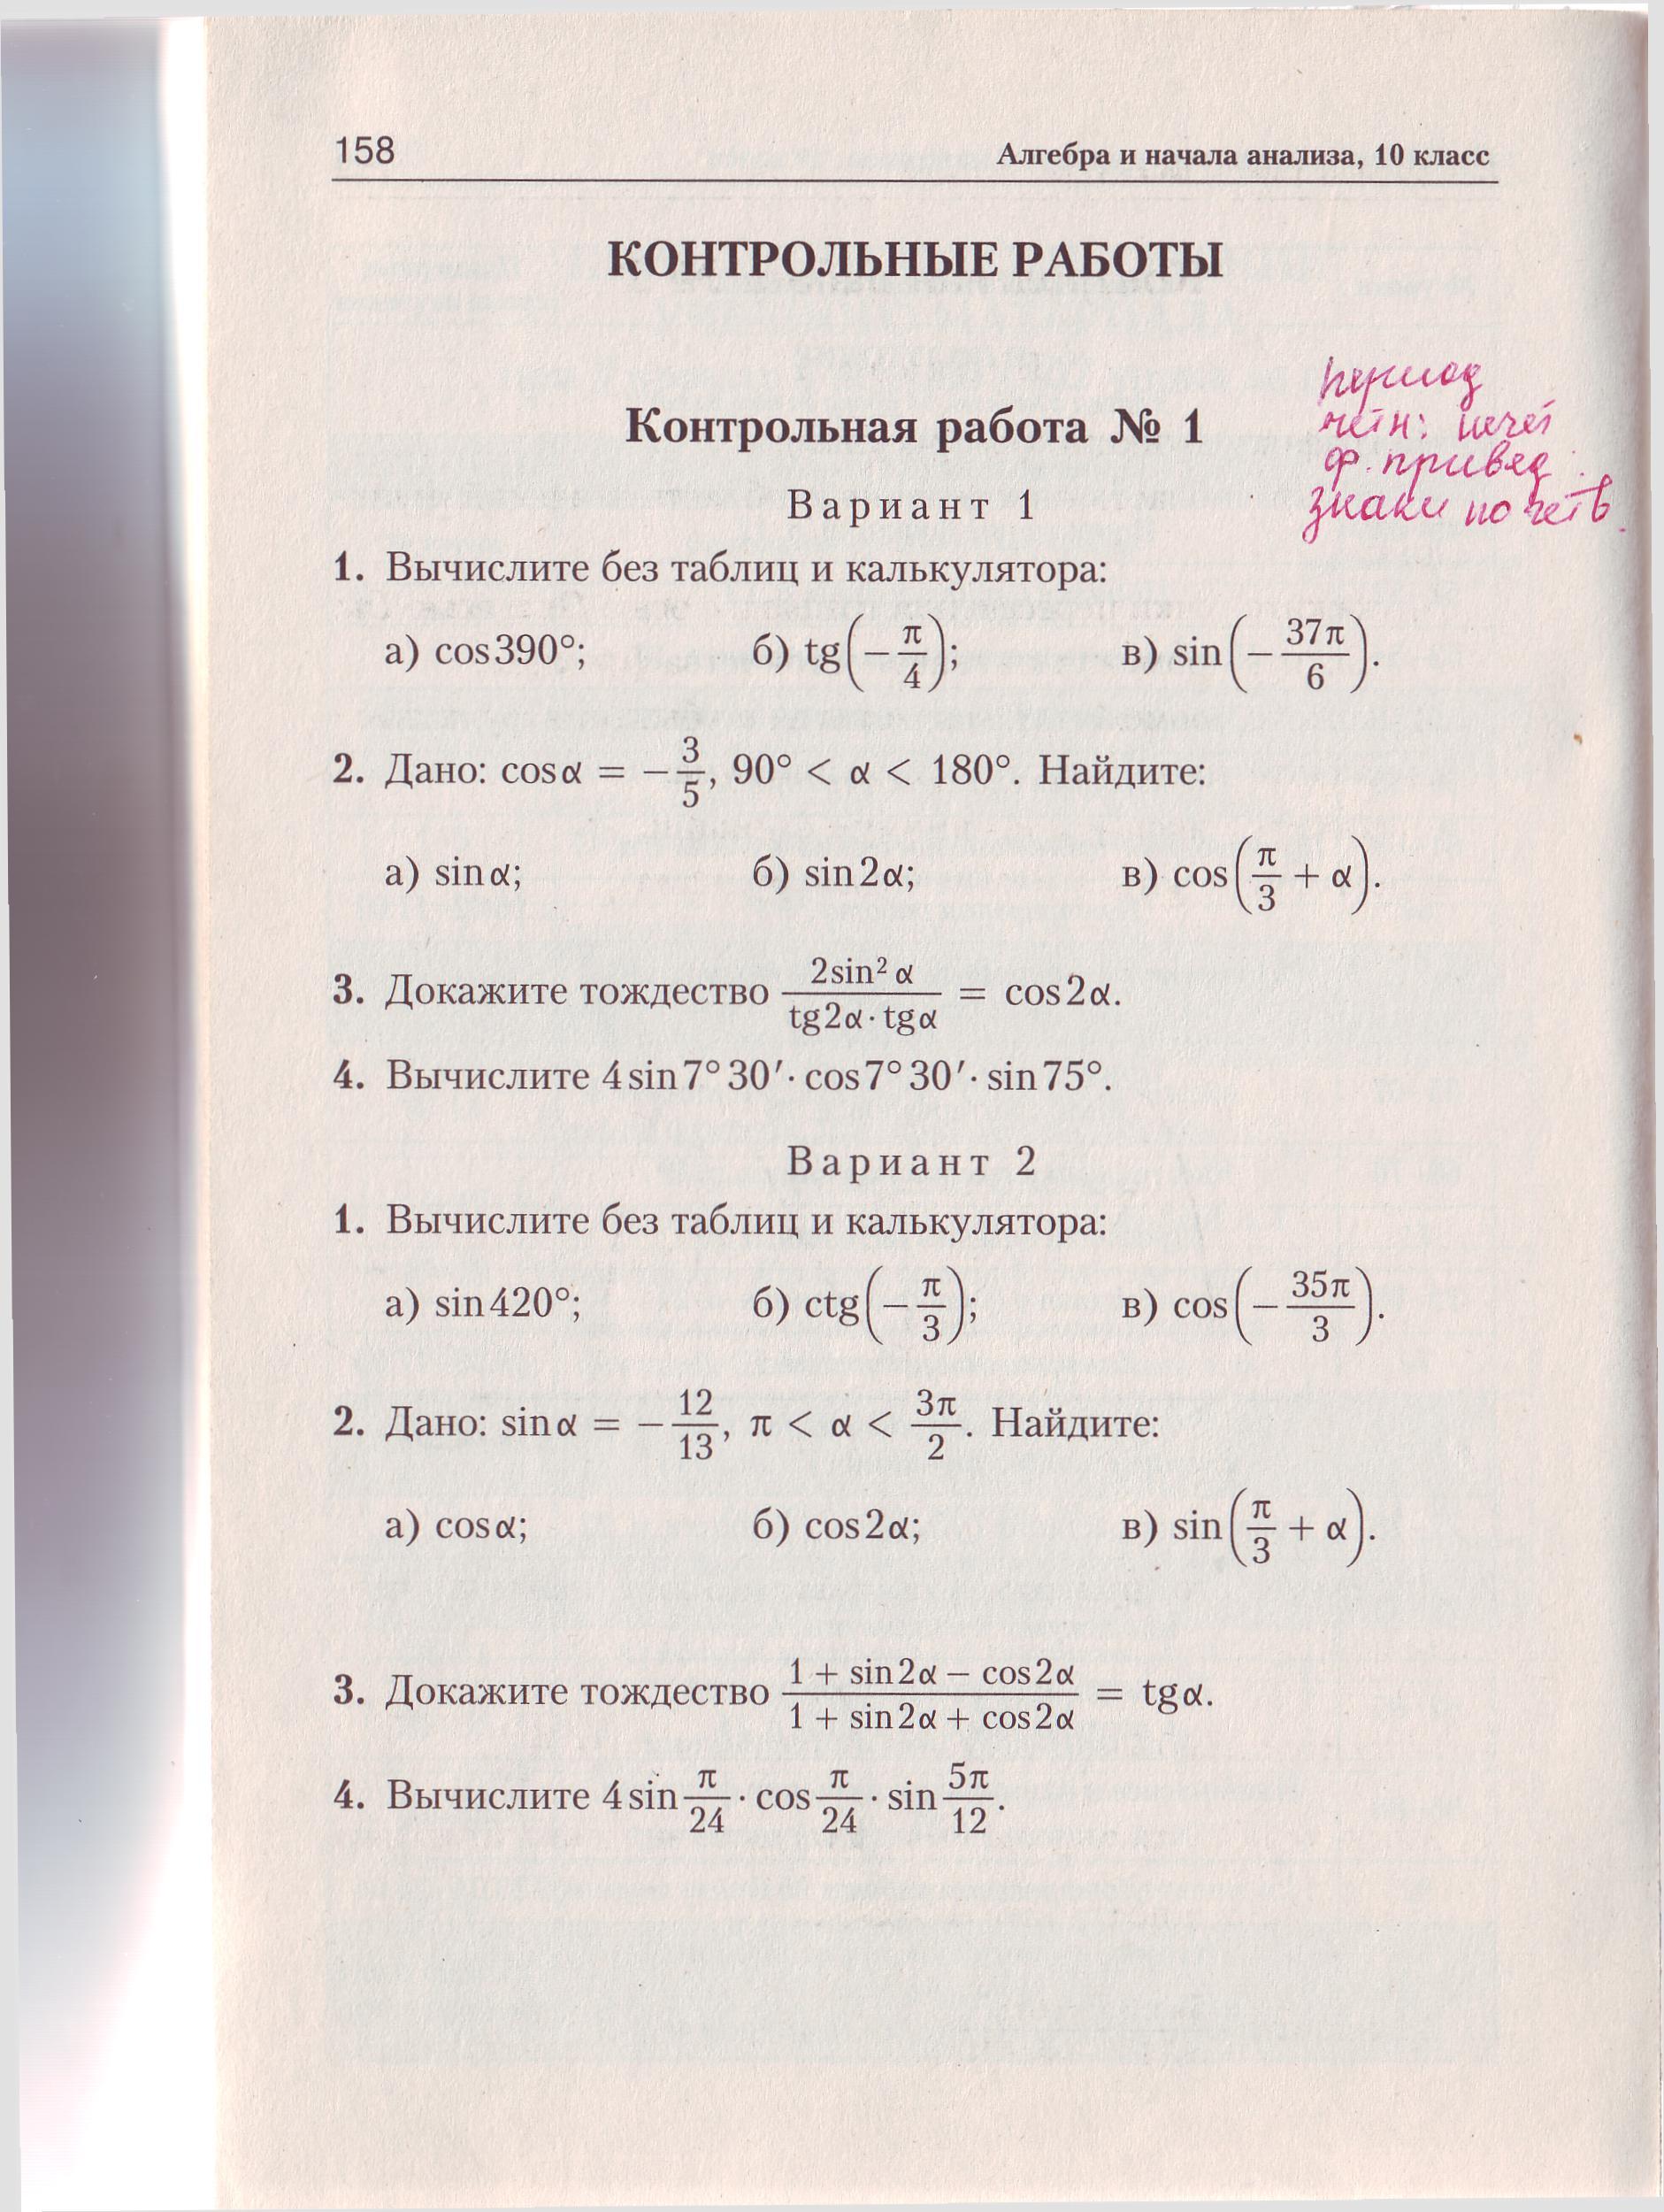 Скачать рабочую программу по алгебре 11 класс колмогоров